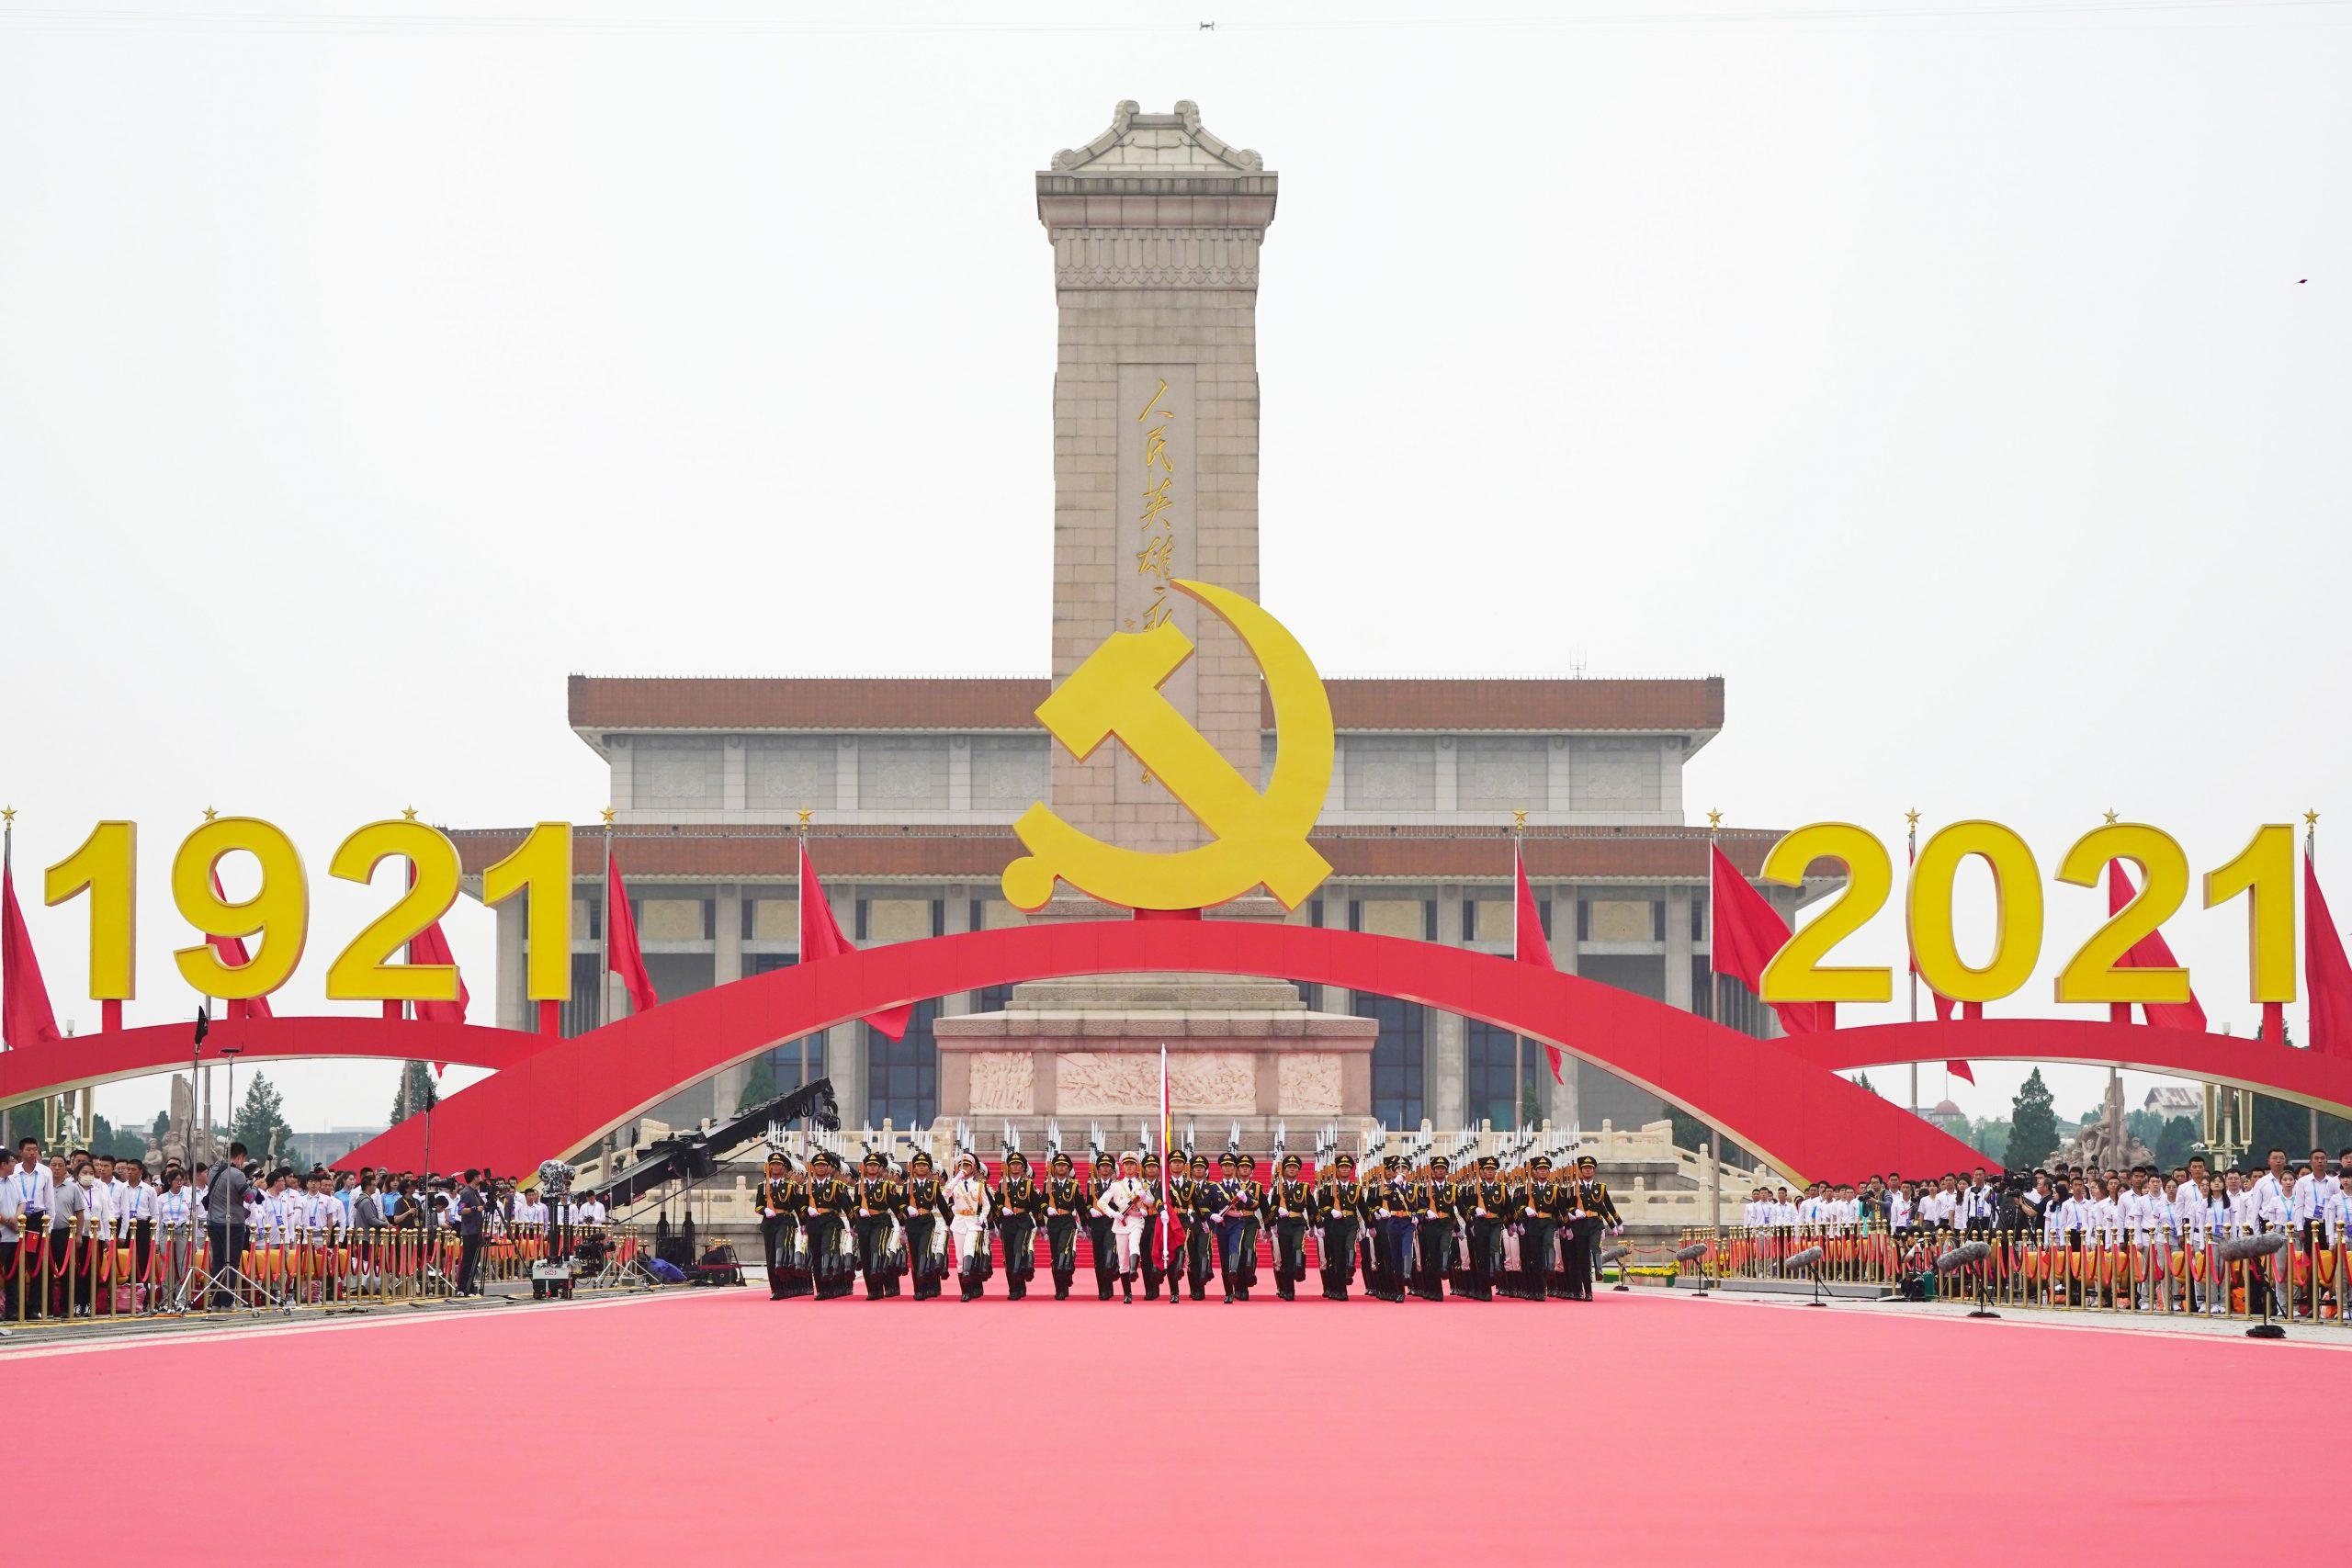 Líderes y gobiernos extranjeros envían sus  felicitaciones por el centenario del PCCh